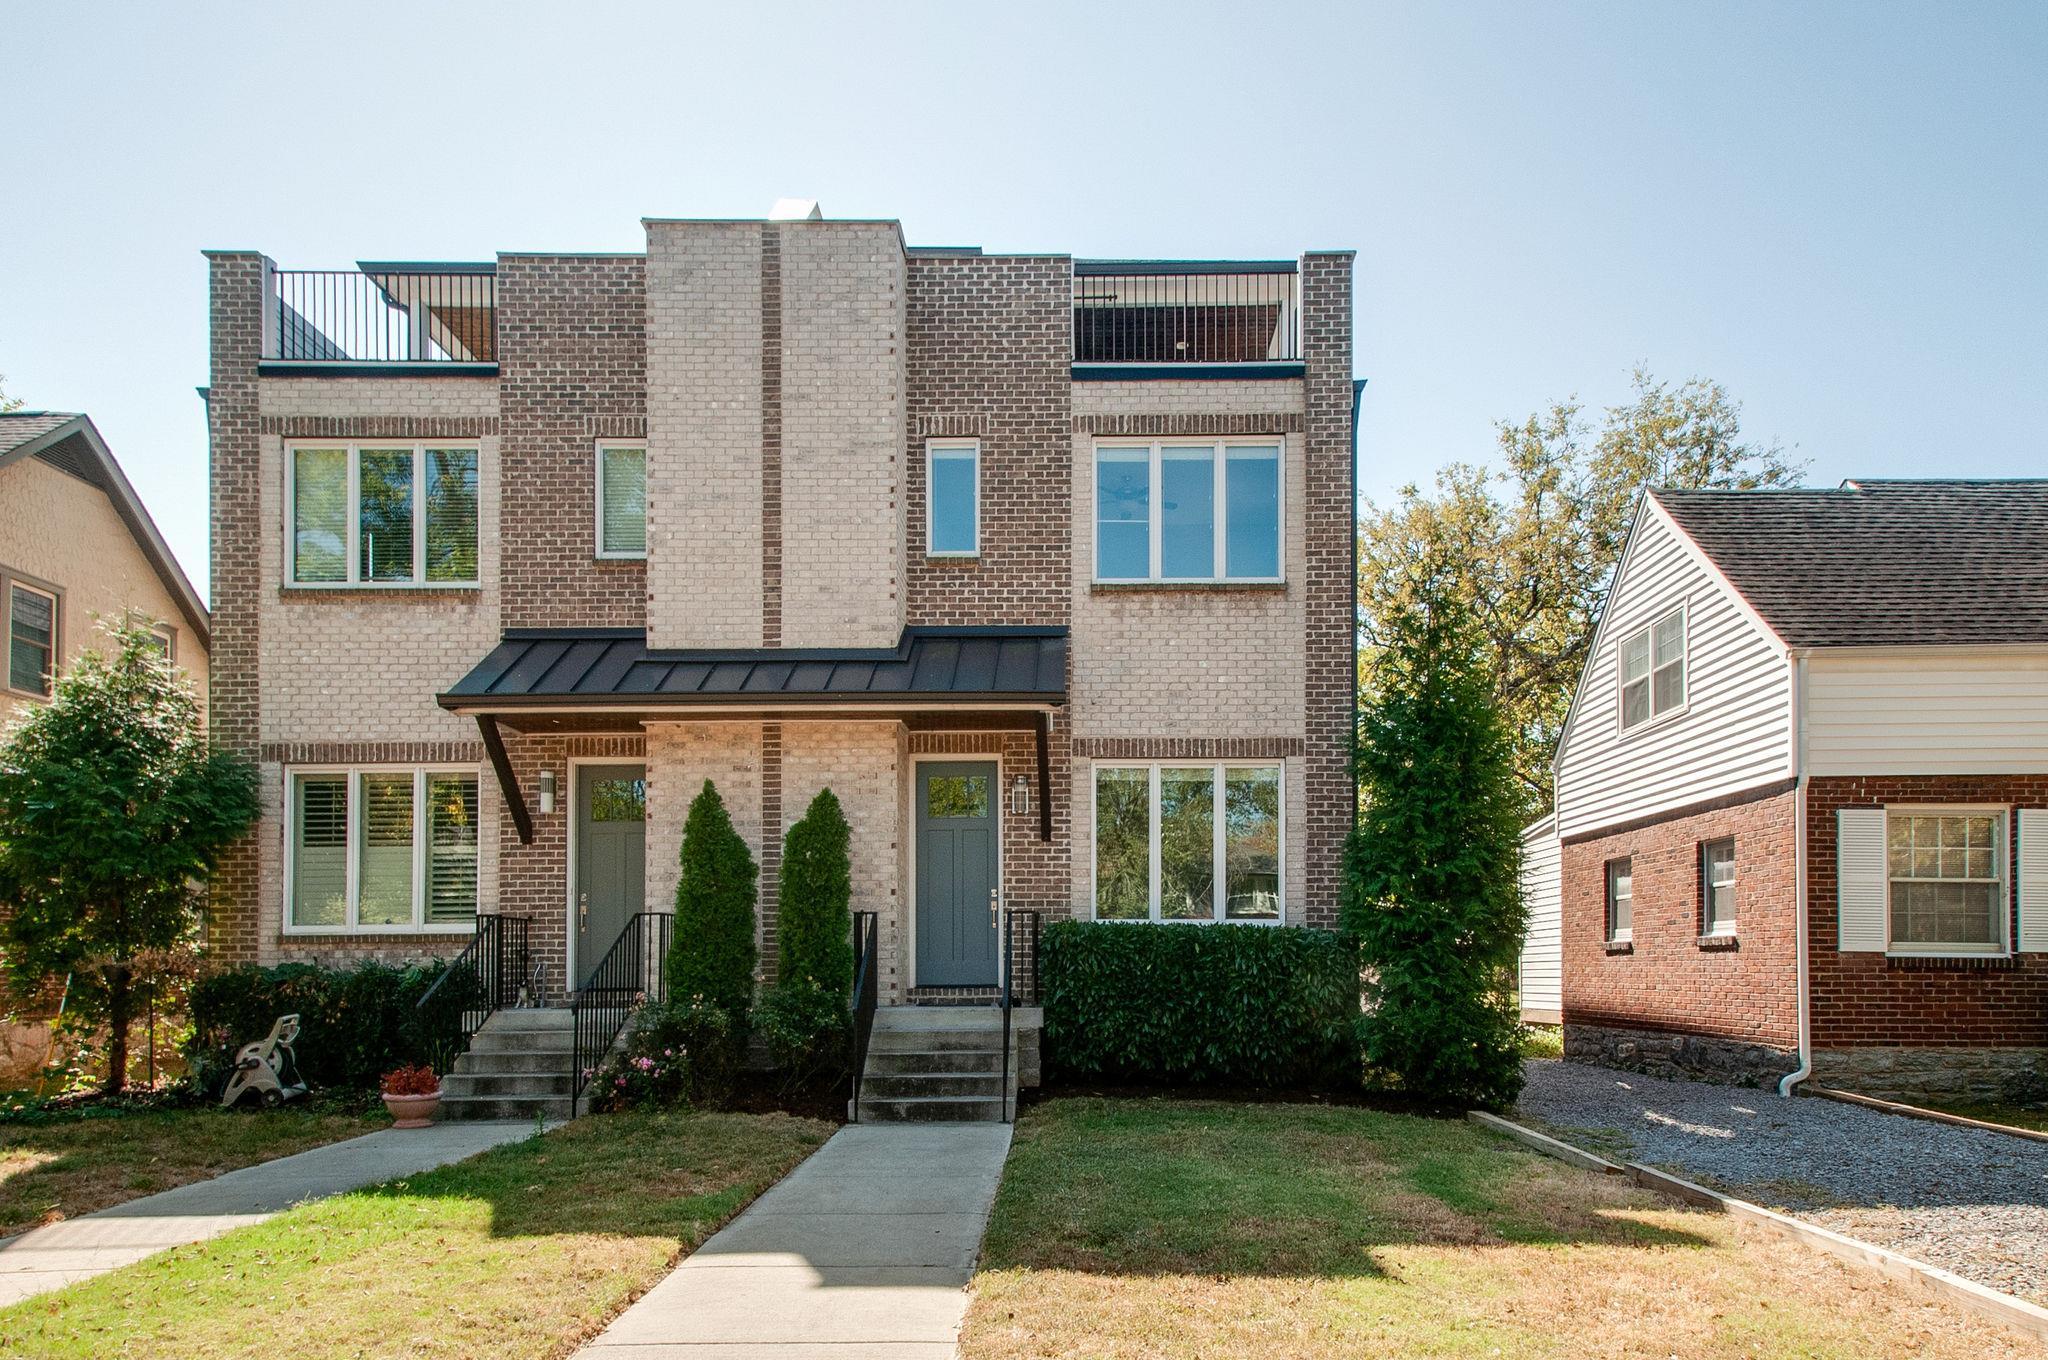 2703 Acklen Ave, Nashville, TN 37212 - Nashville, TN real estate listing